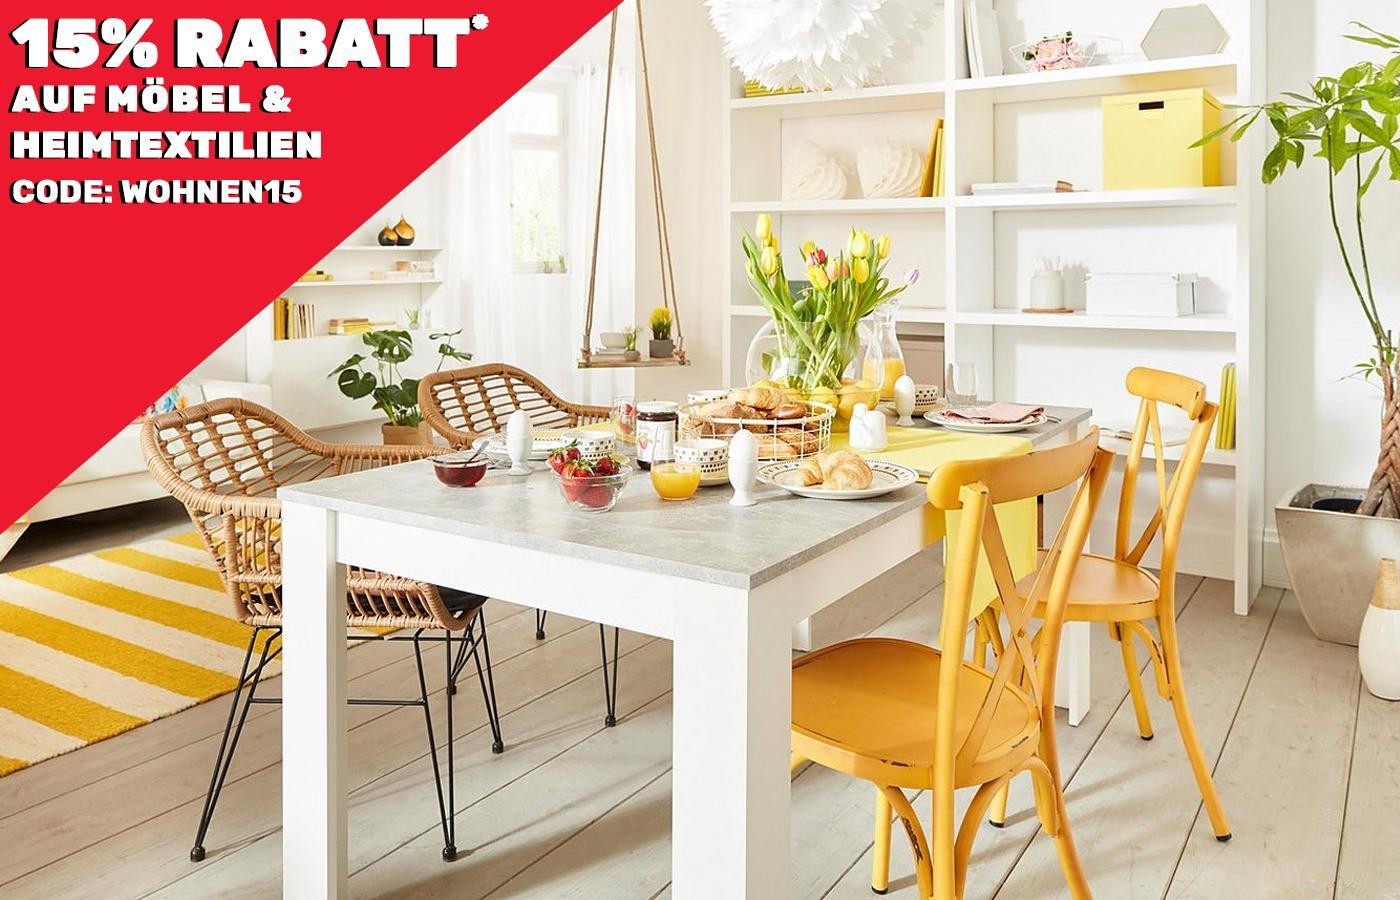 Neckermann 15 % Rabatt auf Möbel & Heimtextilien